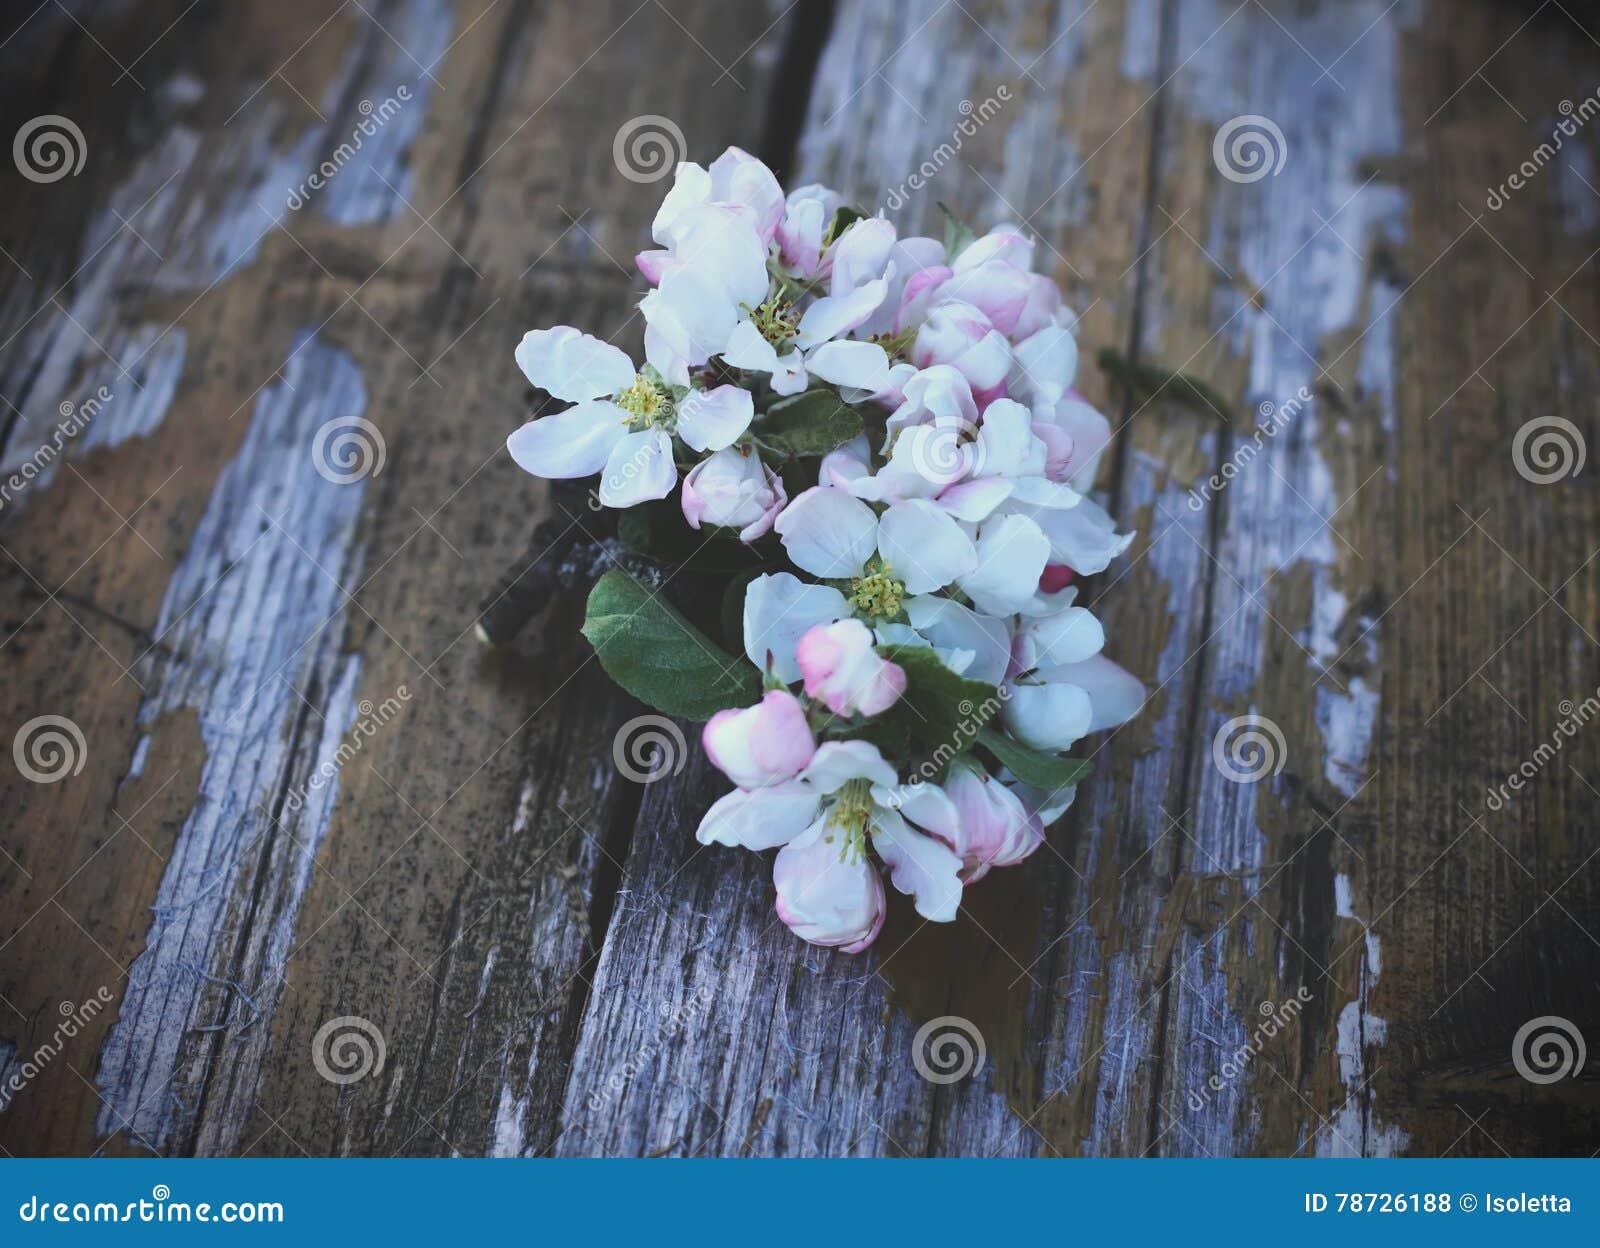 Blomma tree för äpple